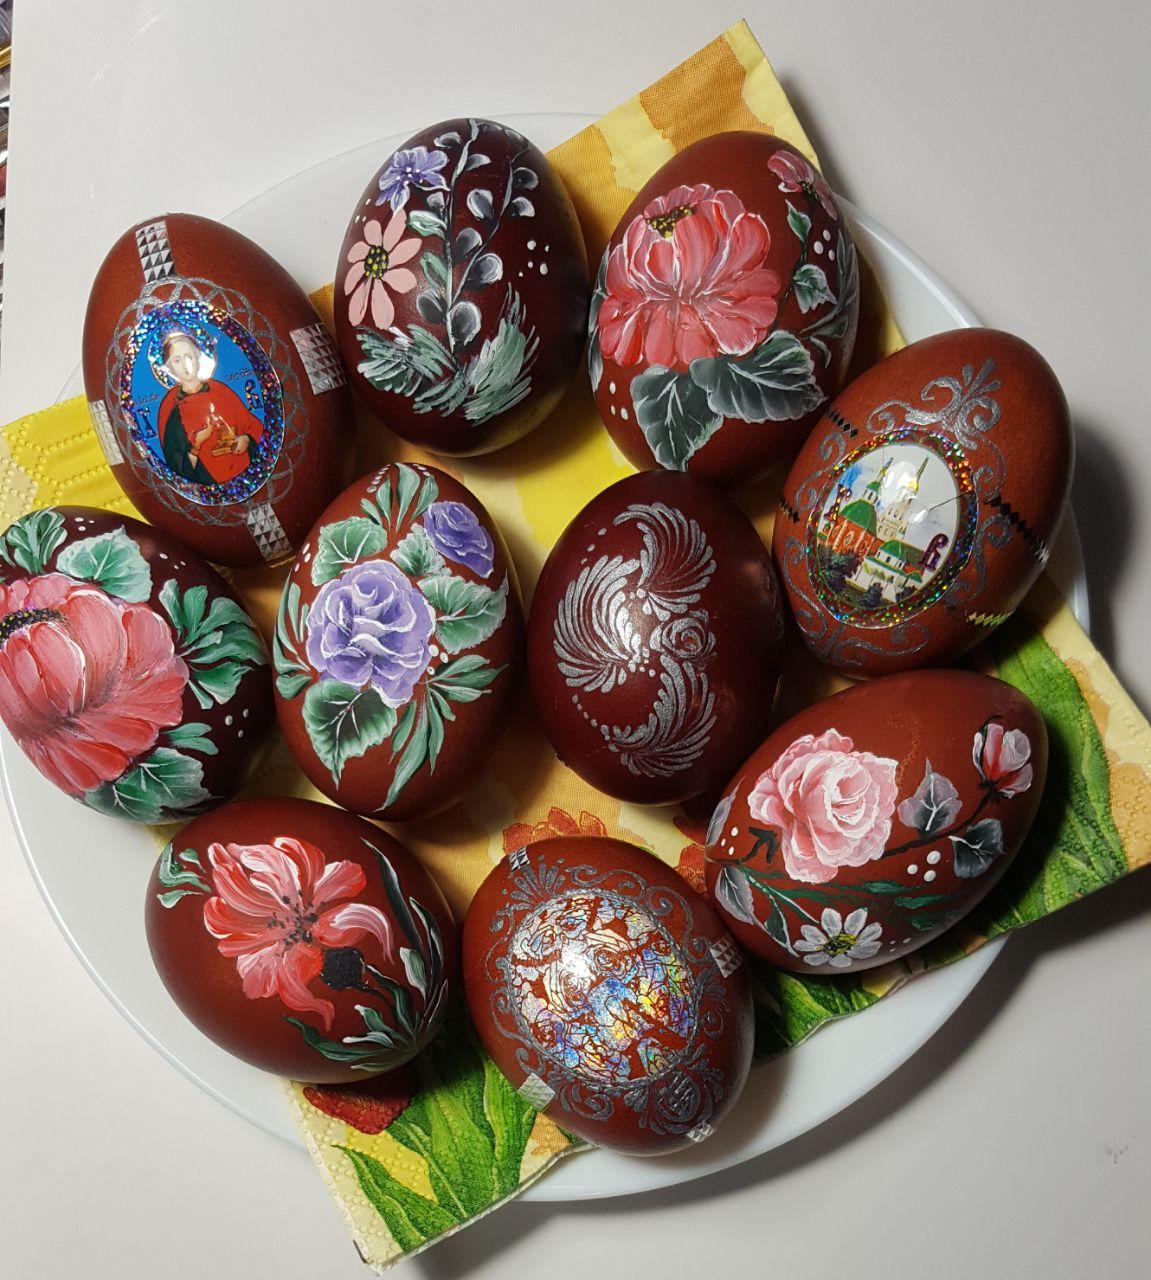 Пасхальные яйца 1. Блиц: Пасха